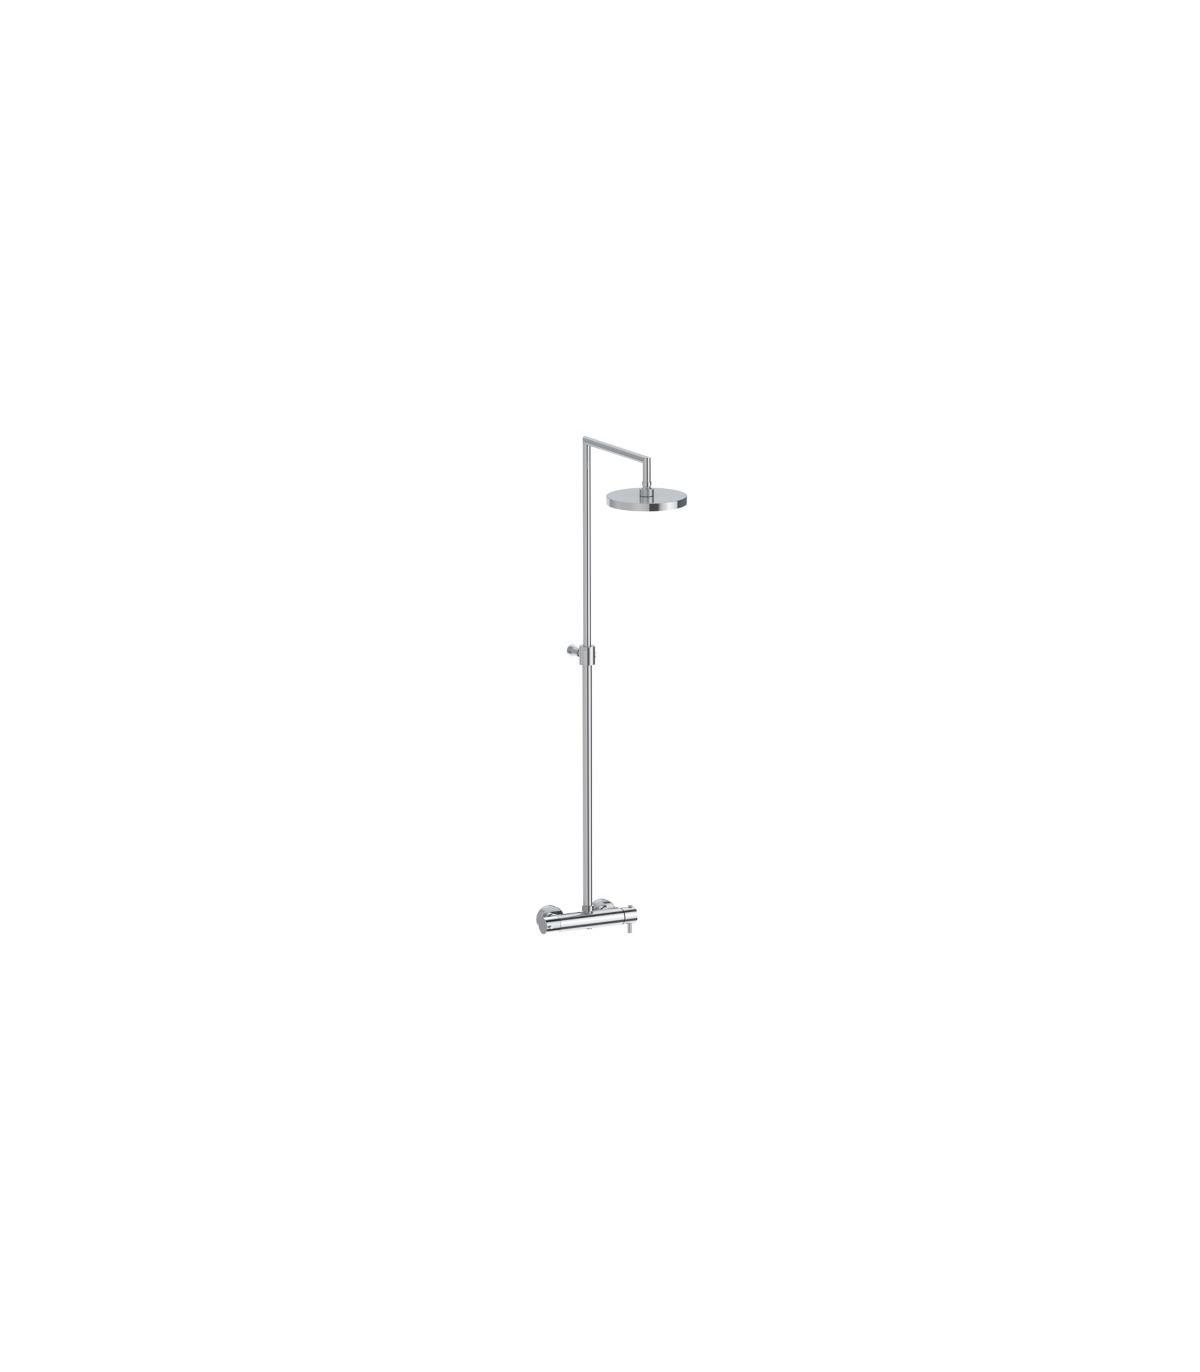 Porta scorrevole per box doccia ideal standard serie kubo - Porta scorrevole per doccia ...